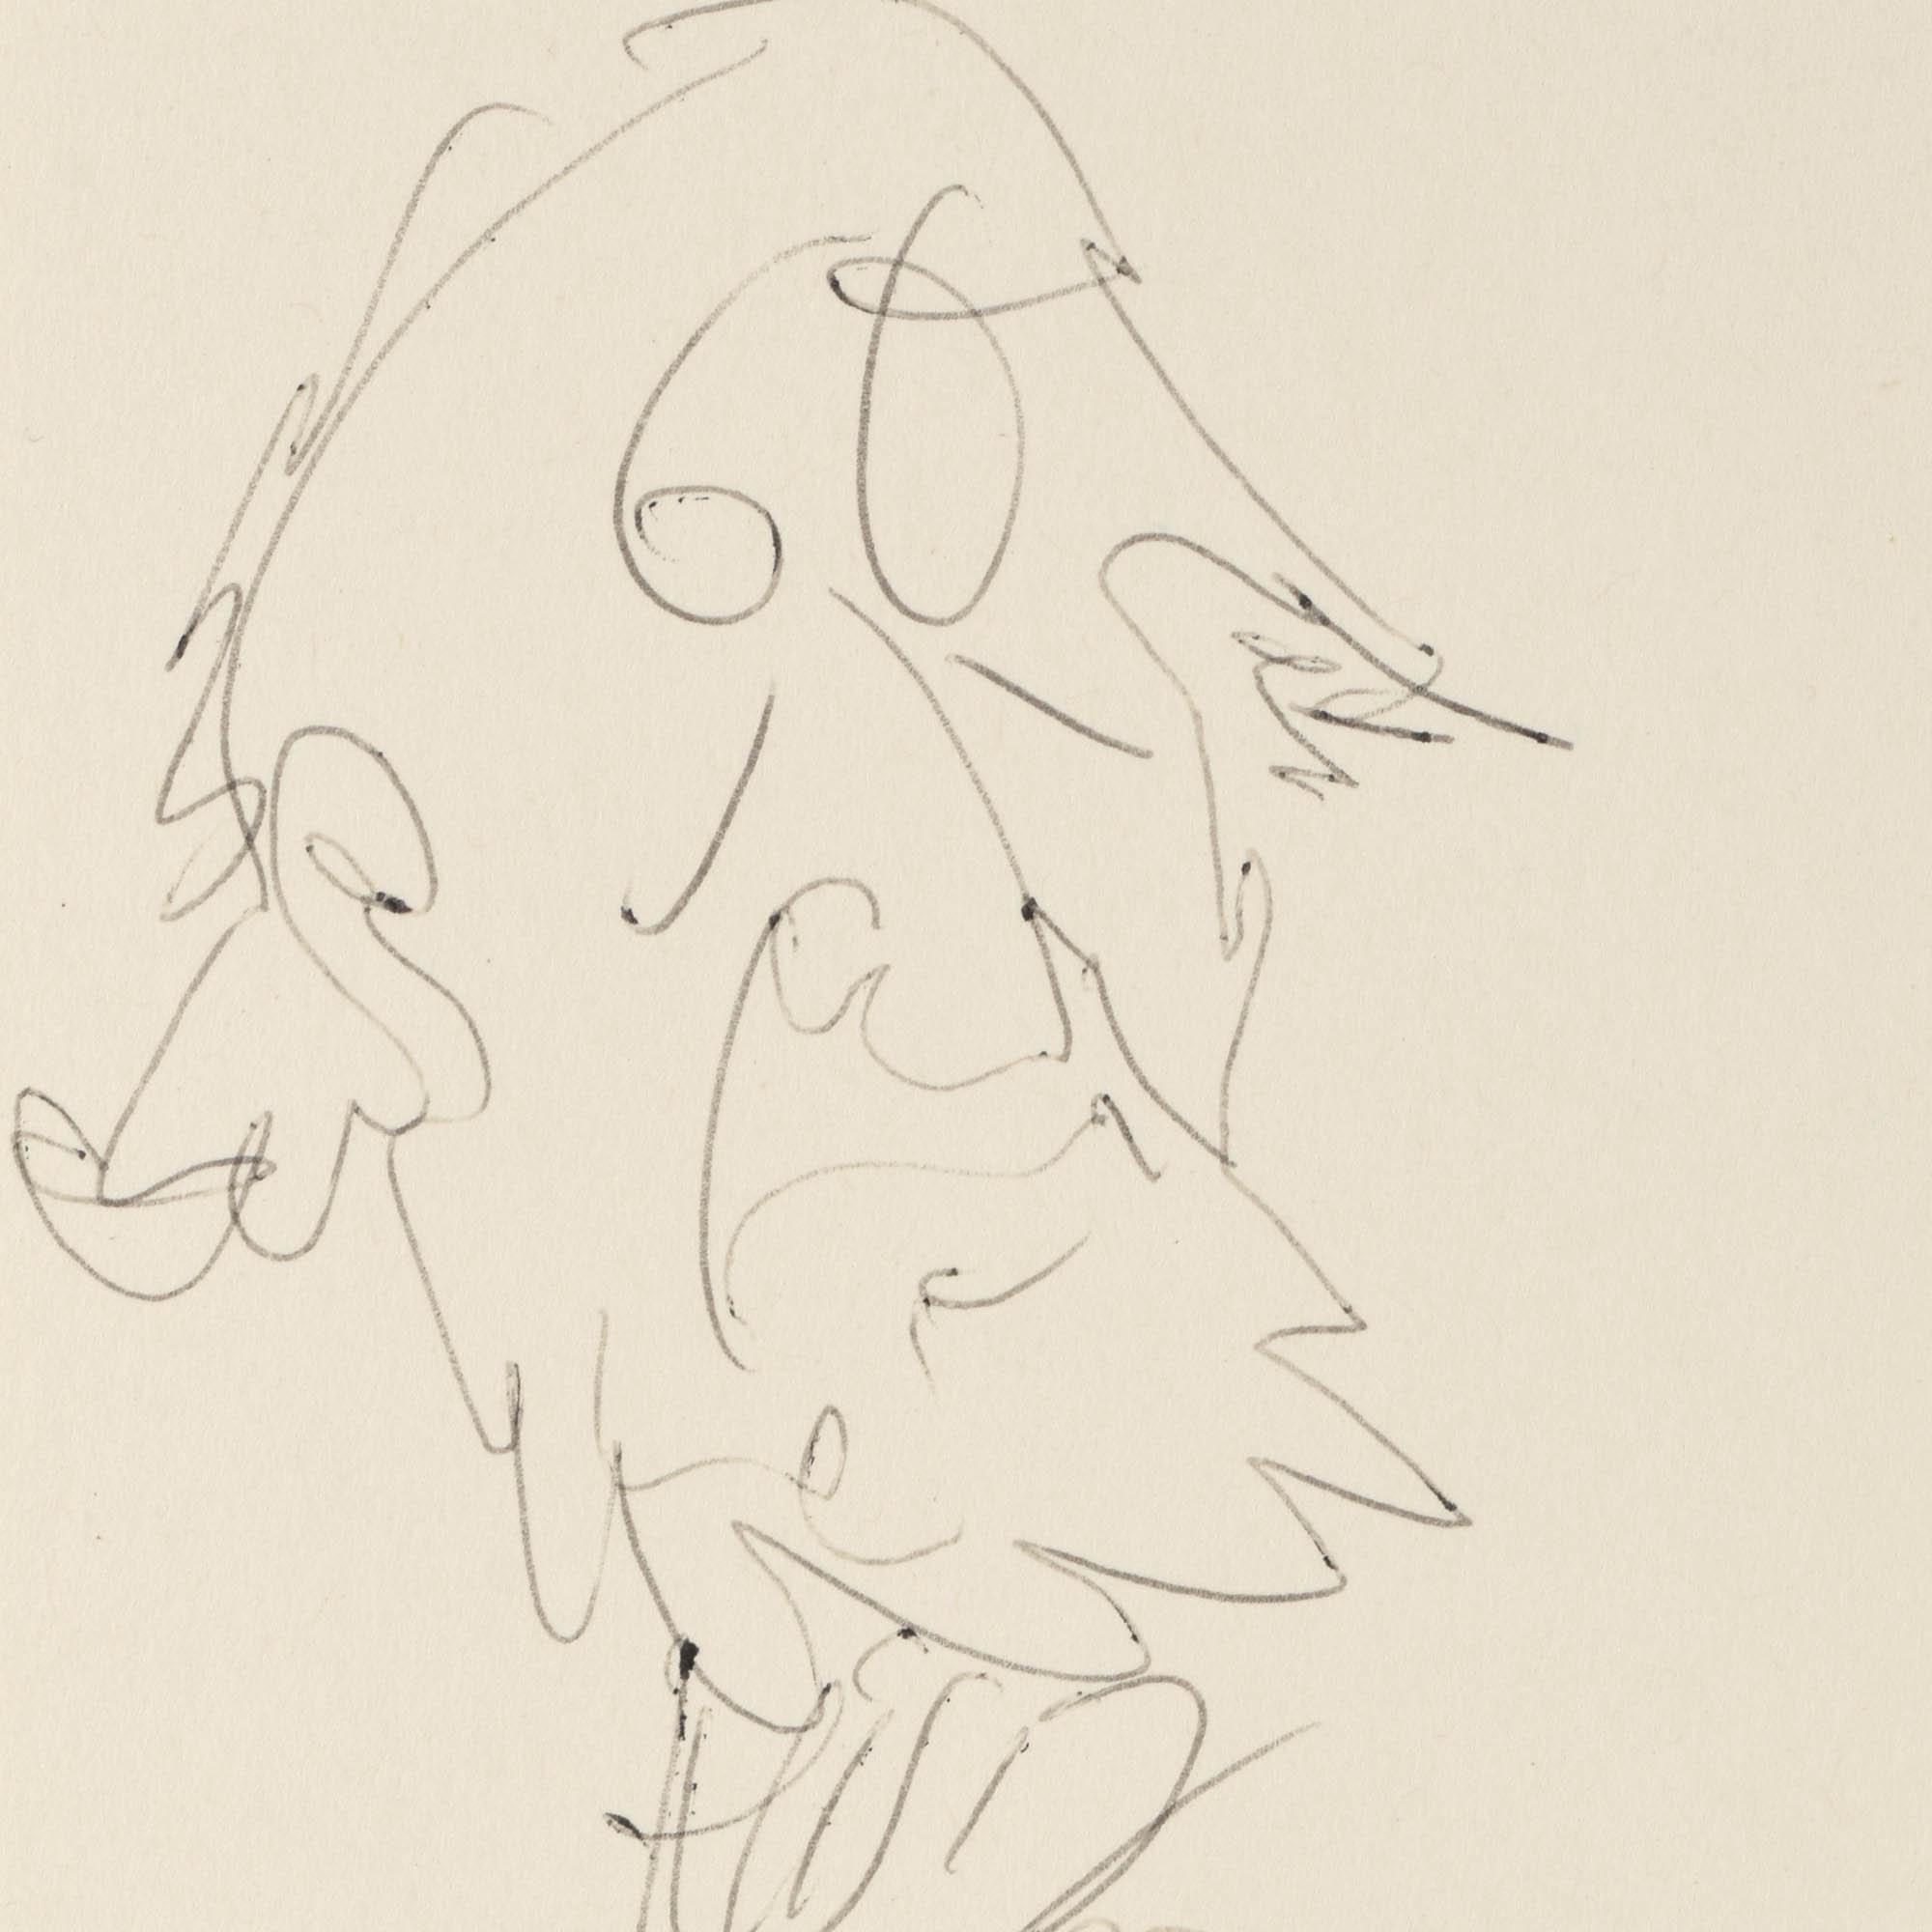 Heisig, Bernhard (1925 Breslau - 2011 Strodehne)